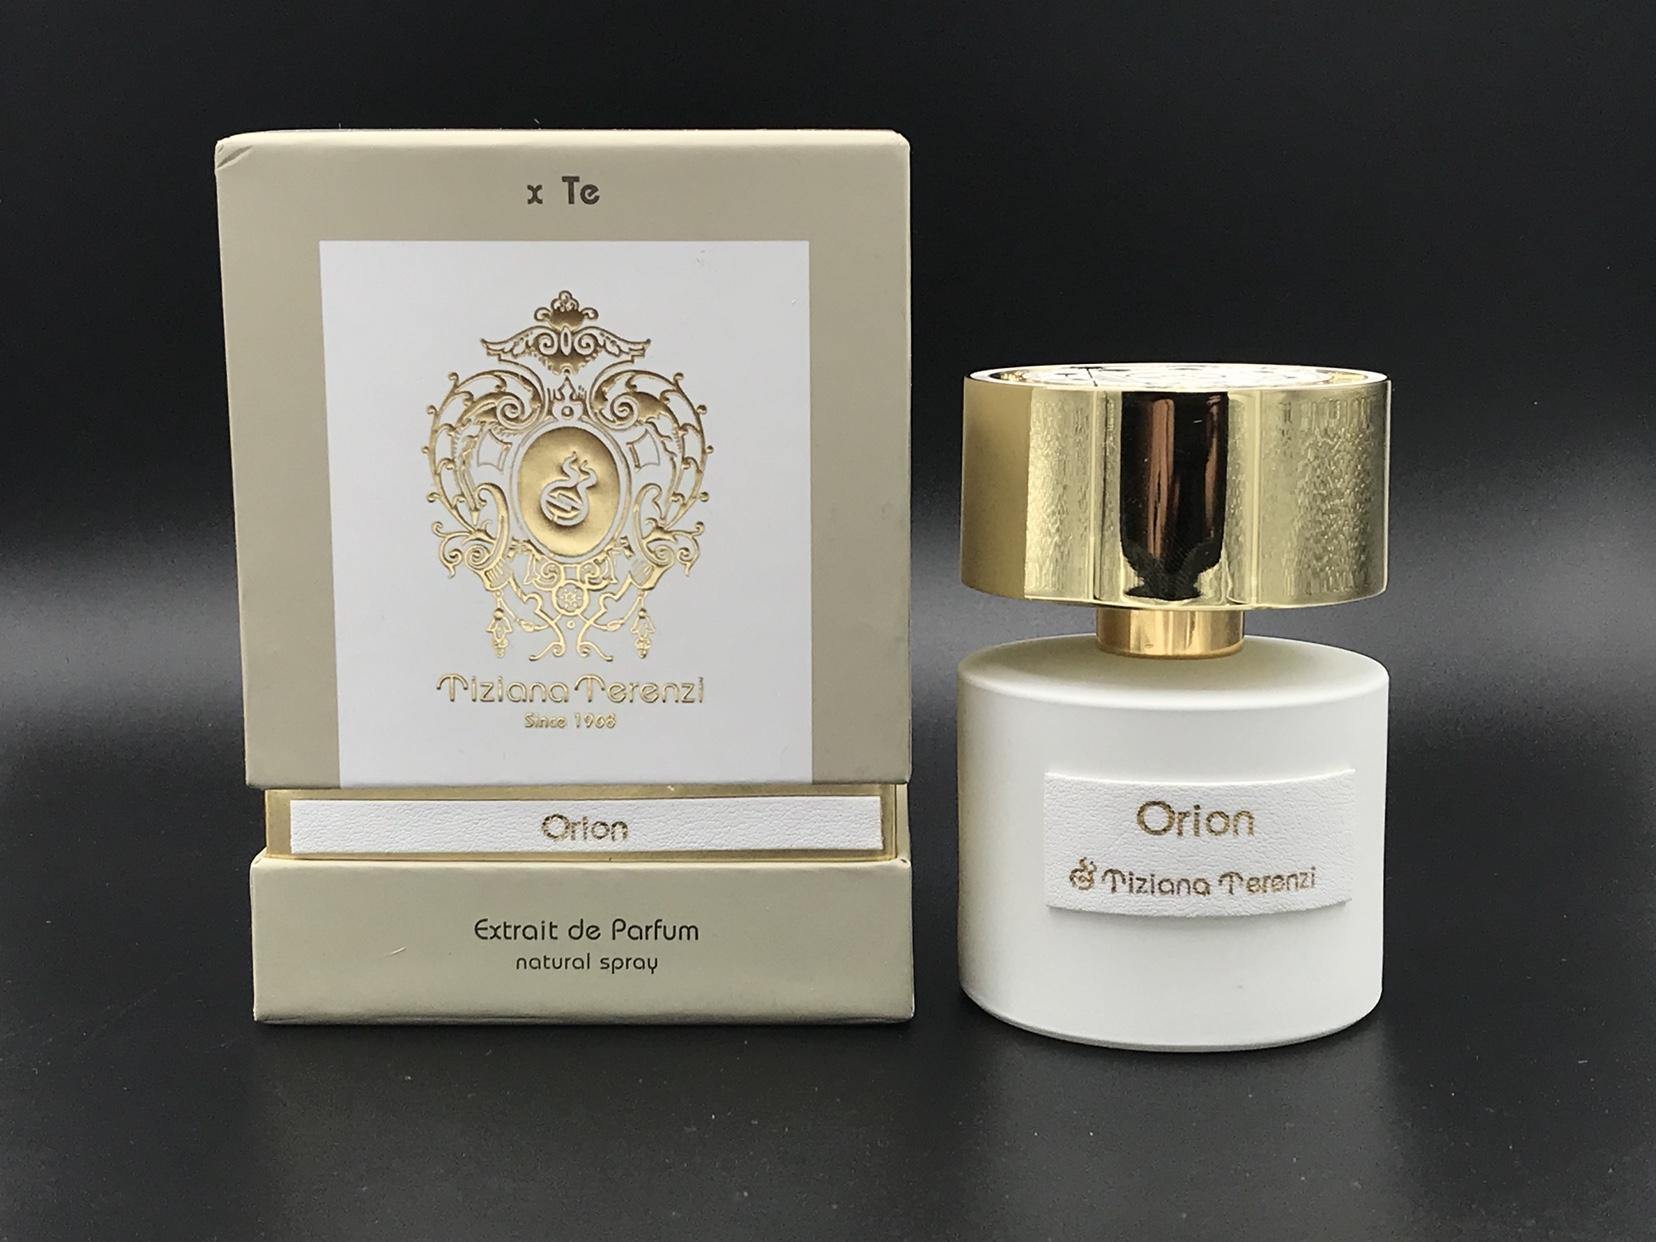 Orion от Tiziana Terenzi